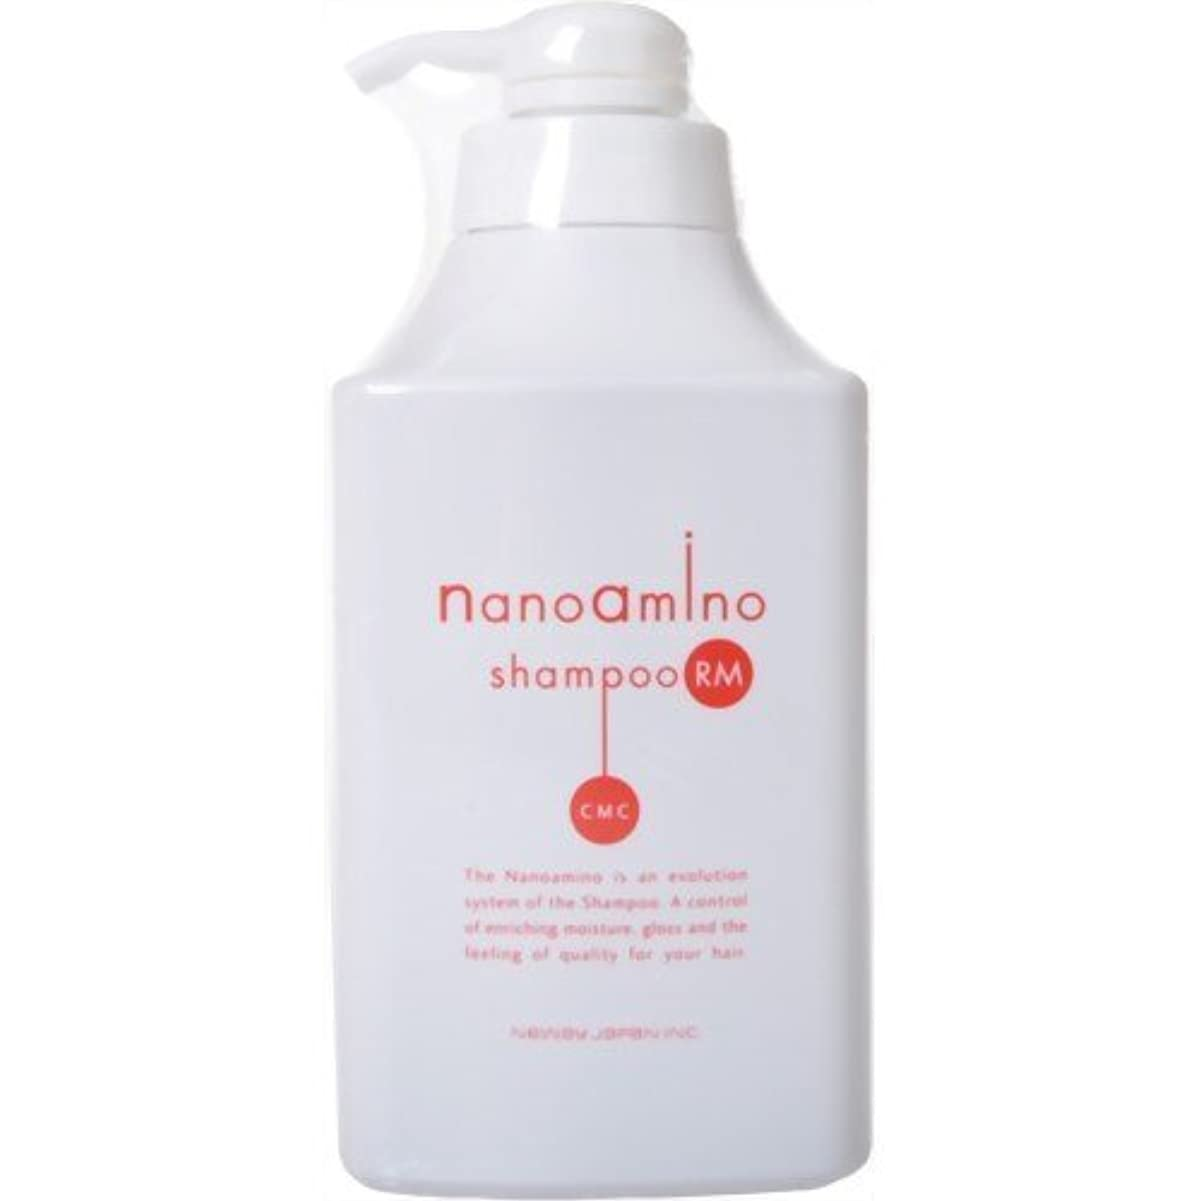 きれいに正確なと闘うニューウェイジャパン ナノアミノ シャンプー RM 1000ml